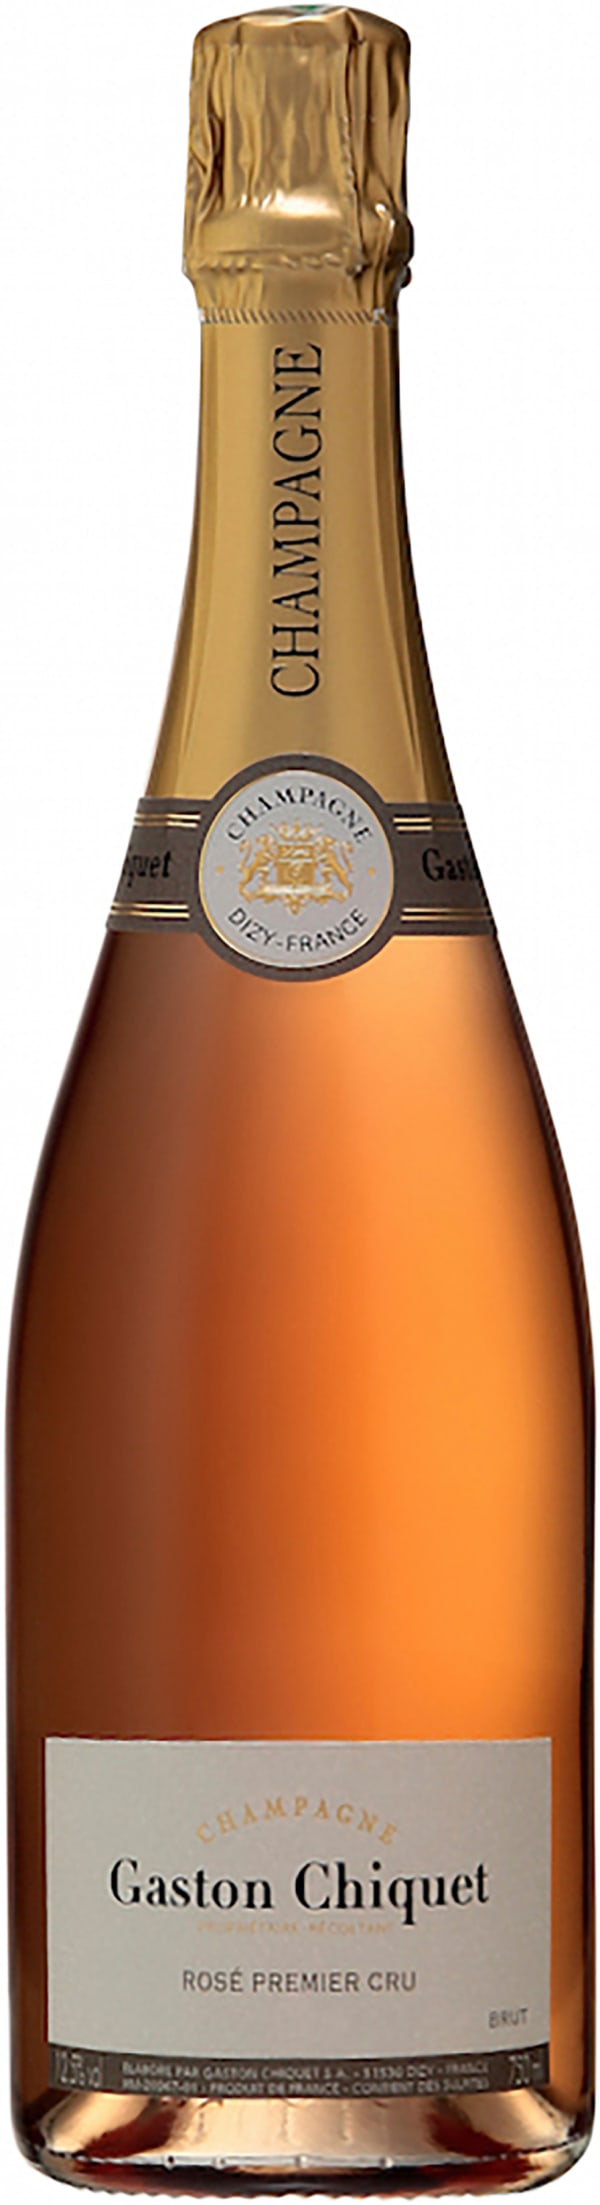 Gaston Chiquet Premier Cru Rosé Champagne Brut